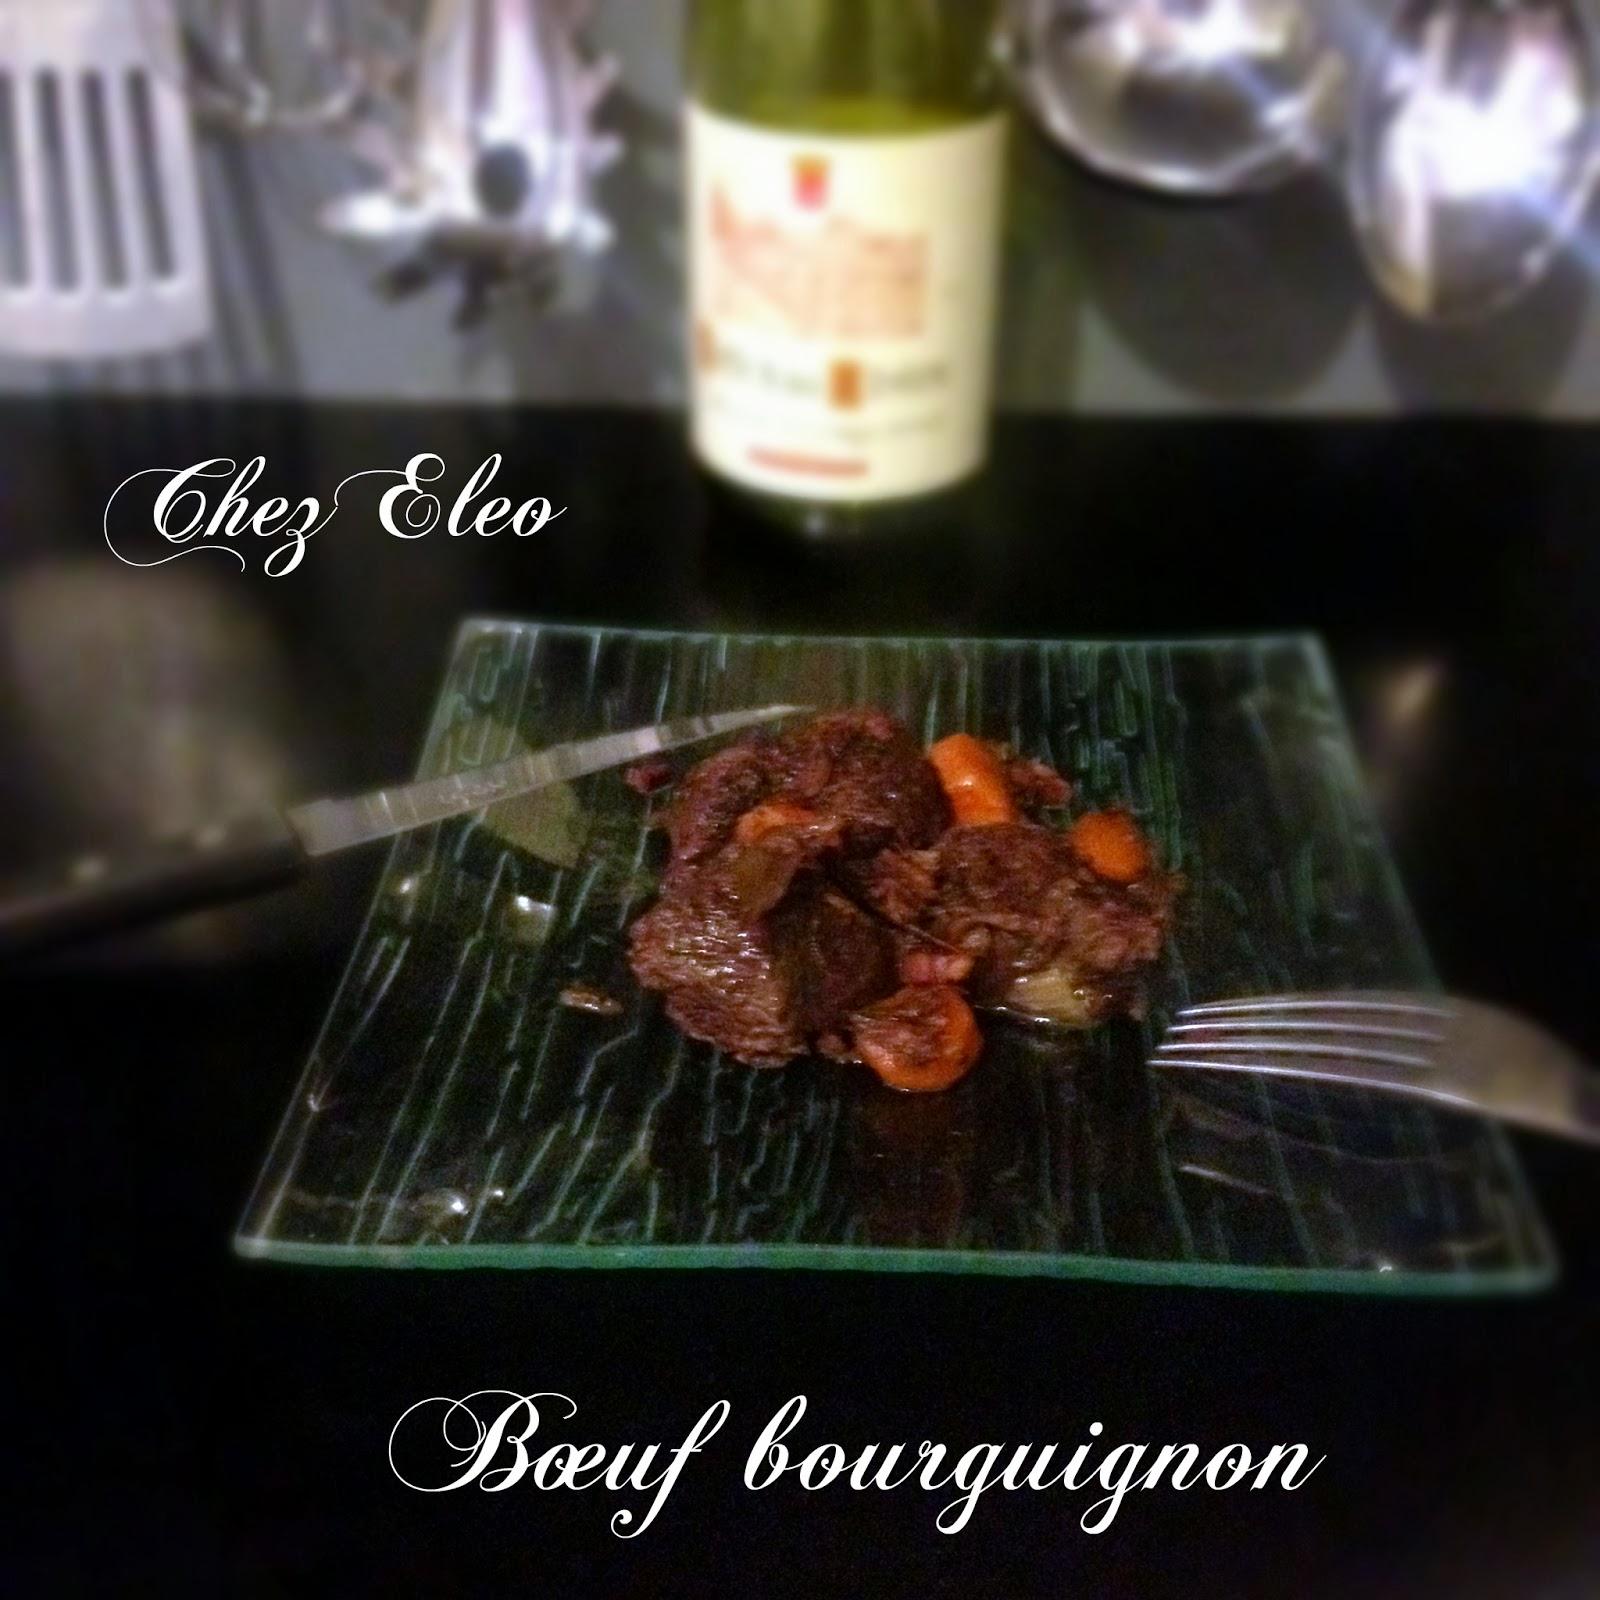 Boeuf bourguignon blogs de cuisine - Quel vin pour cuisiner un boeuf bourguignon ...